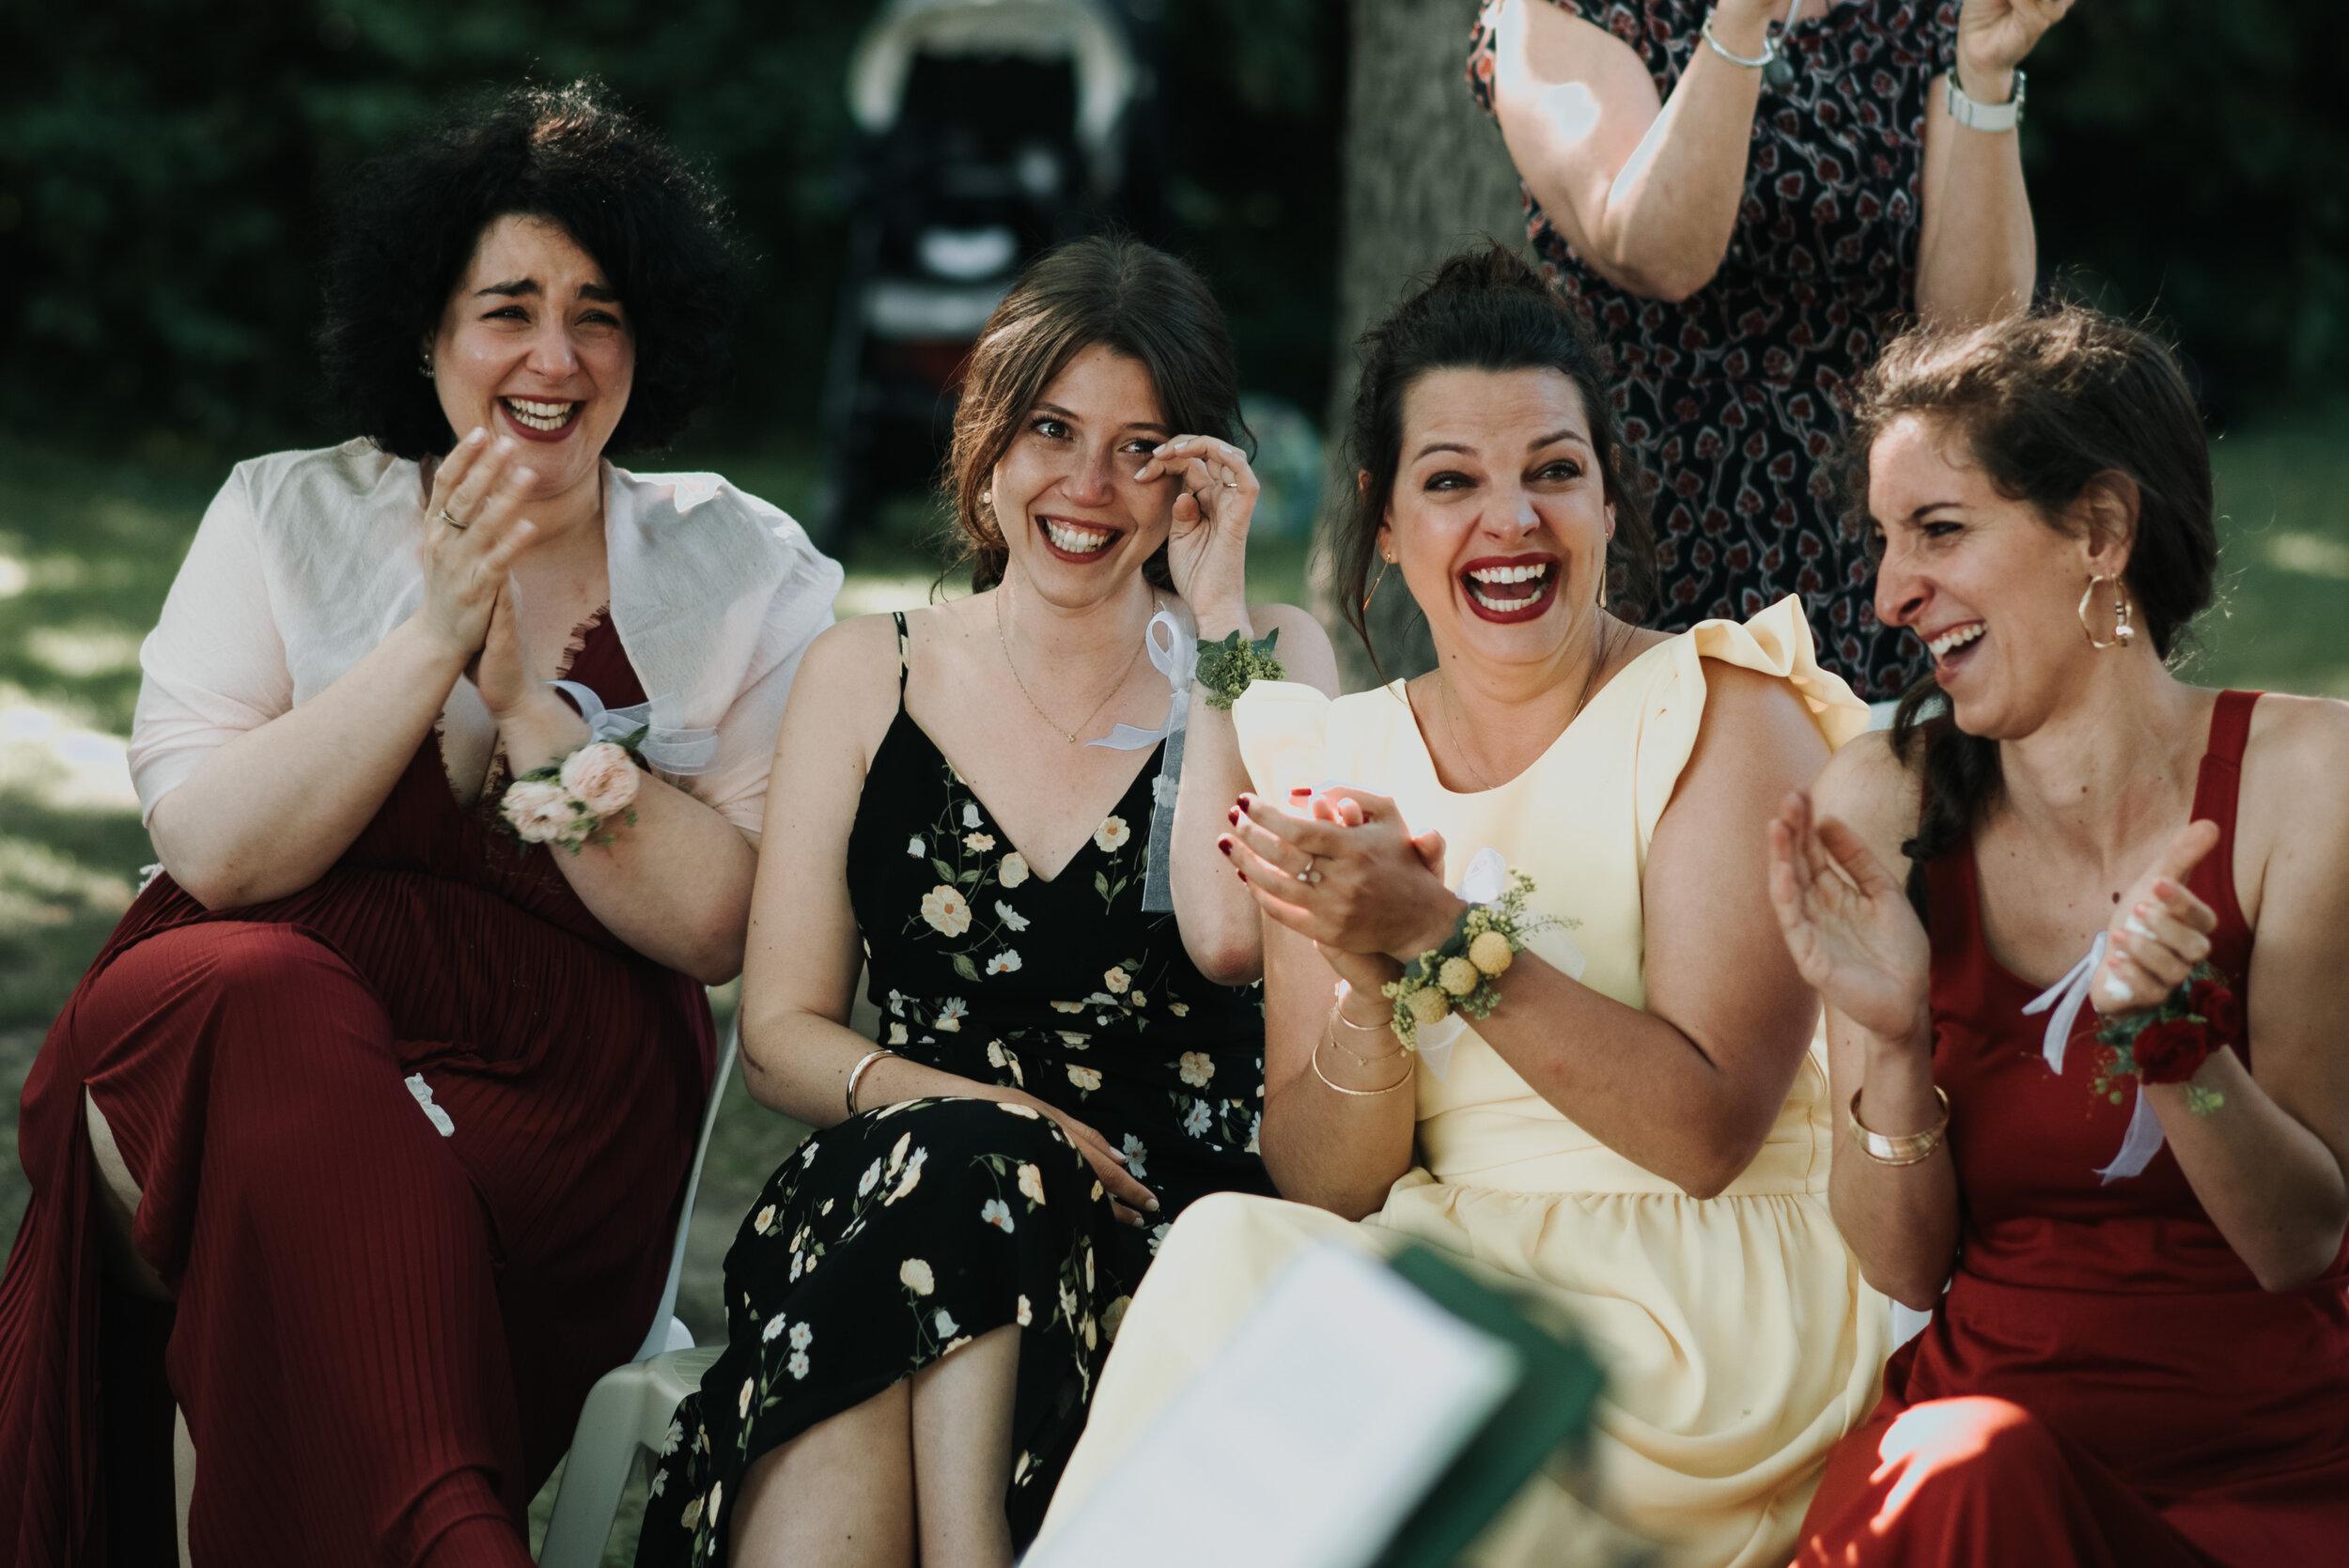 Léa-Fery-photographe-professionnel-Bretagne-portrait-creation-mariage-evenement-evenementiel-famille-6272.jpg